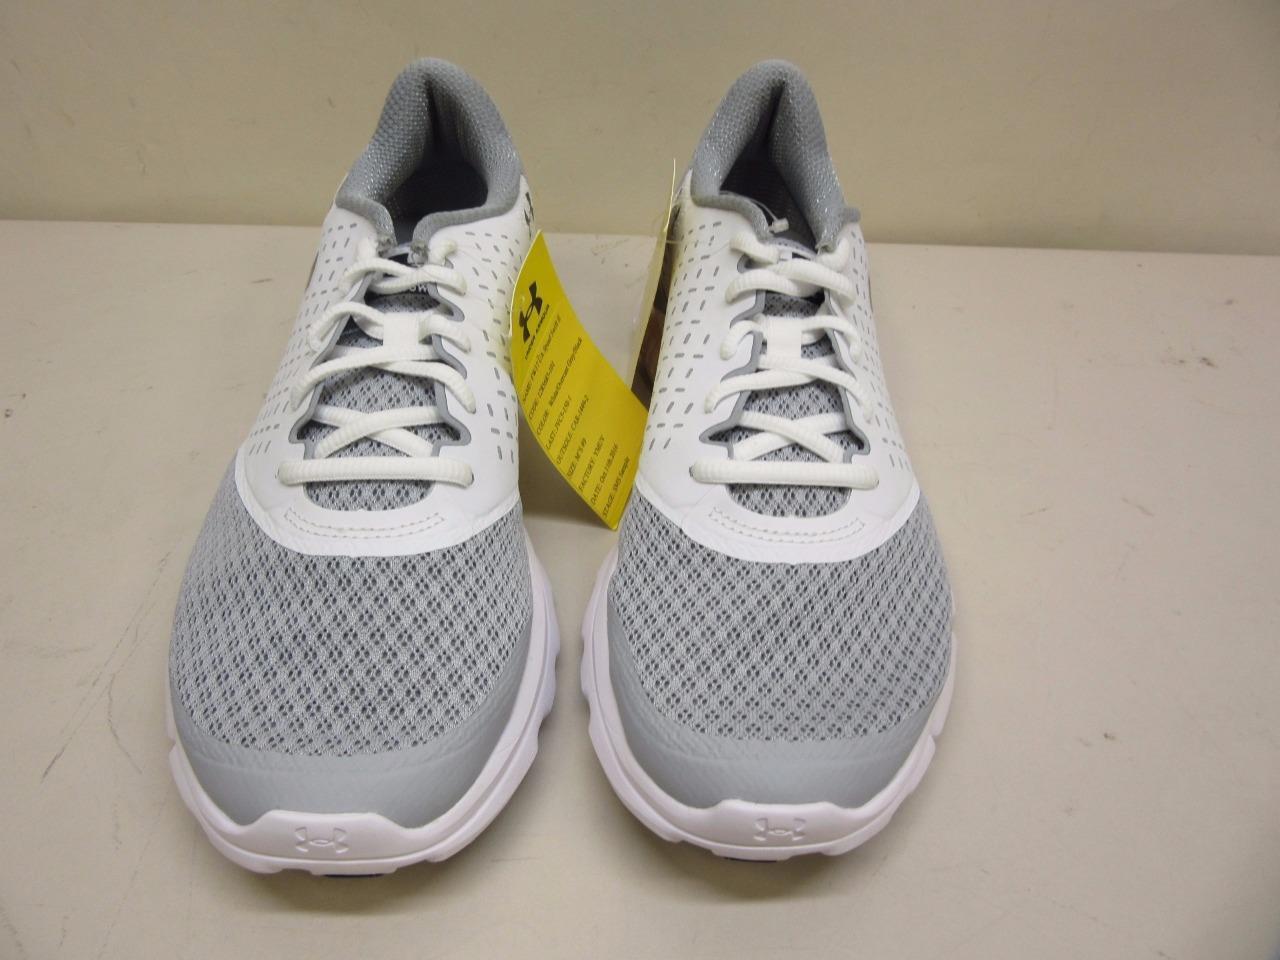 fw17 hommes sous blindage vitesse swift ii sms échantillon sport chaussure de sport échantillon - taille 9 Gris  a74c98